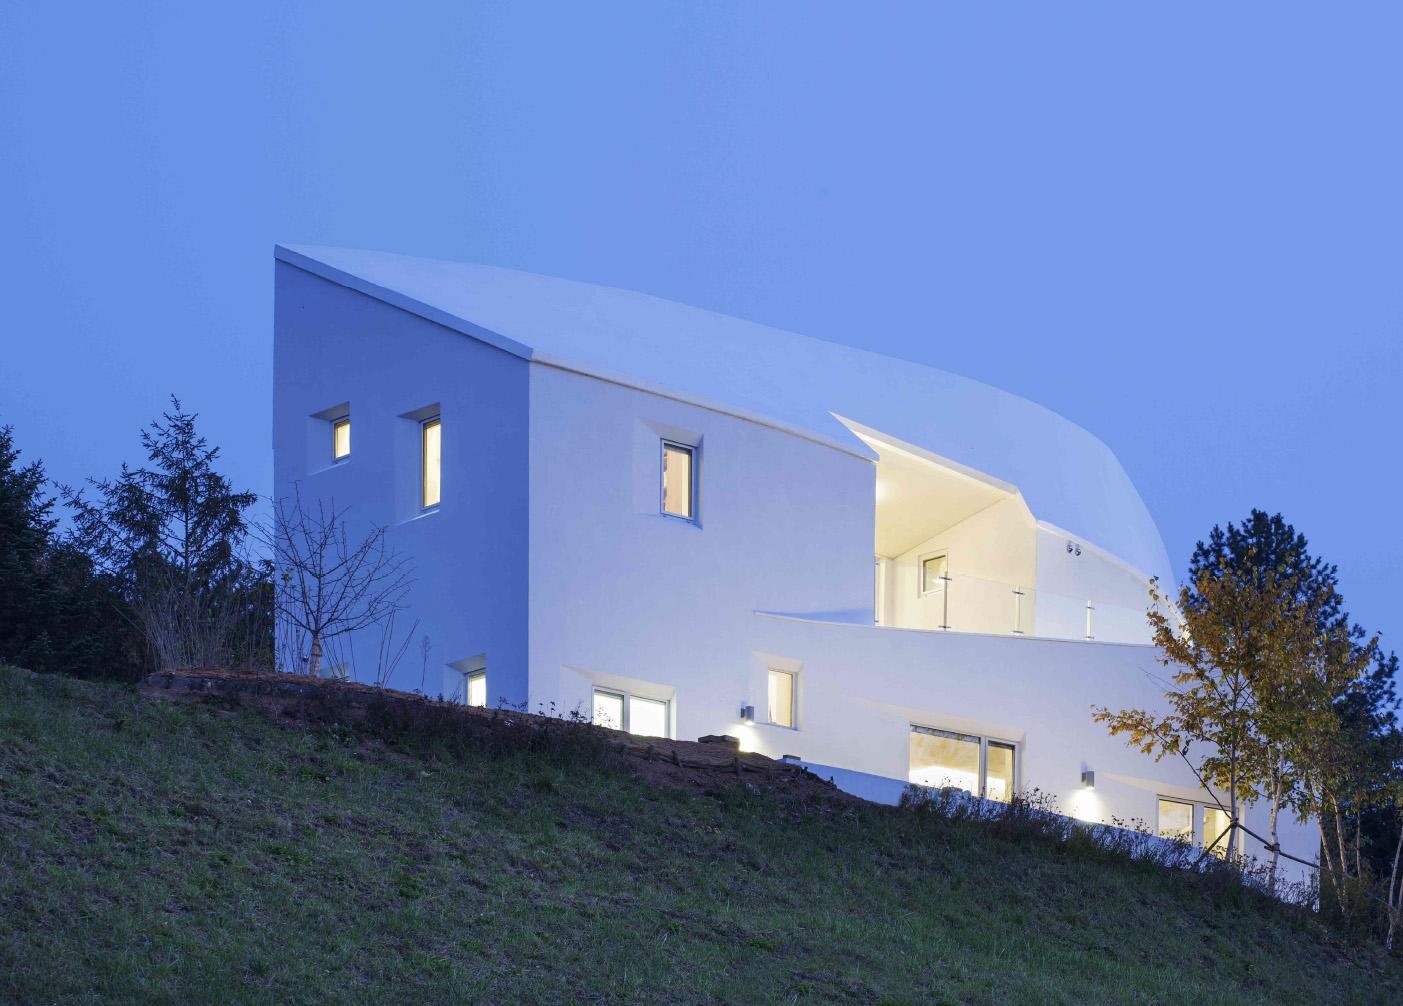 002 Curvilinear House -57.jpg